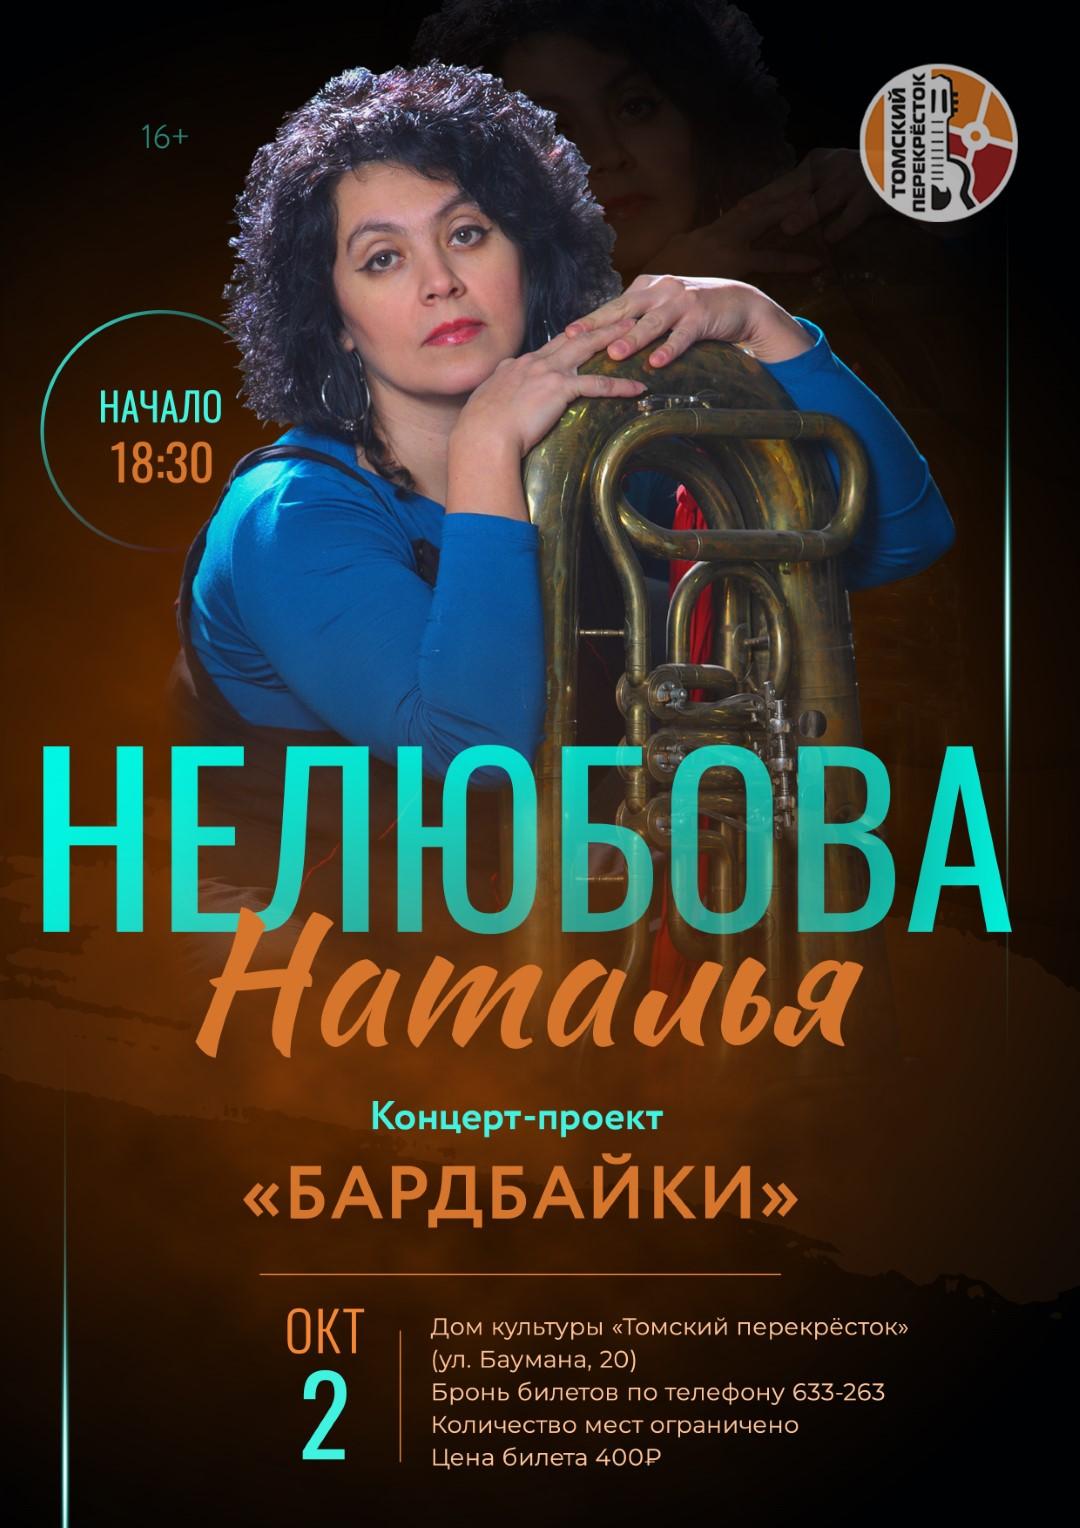 Наталья Нелюбова афиша